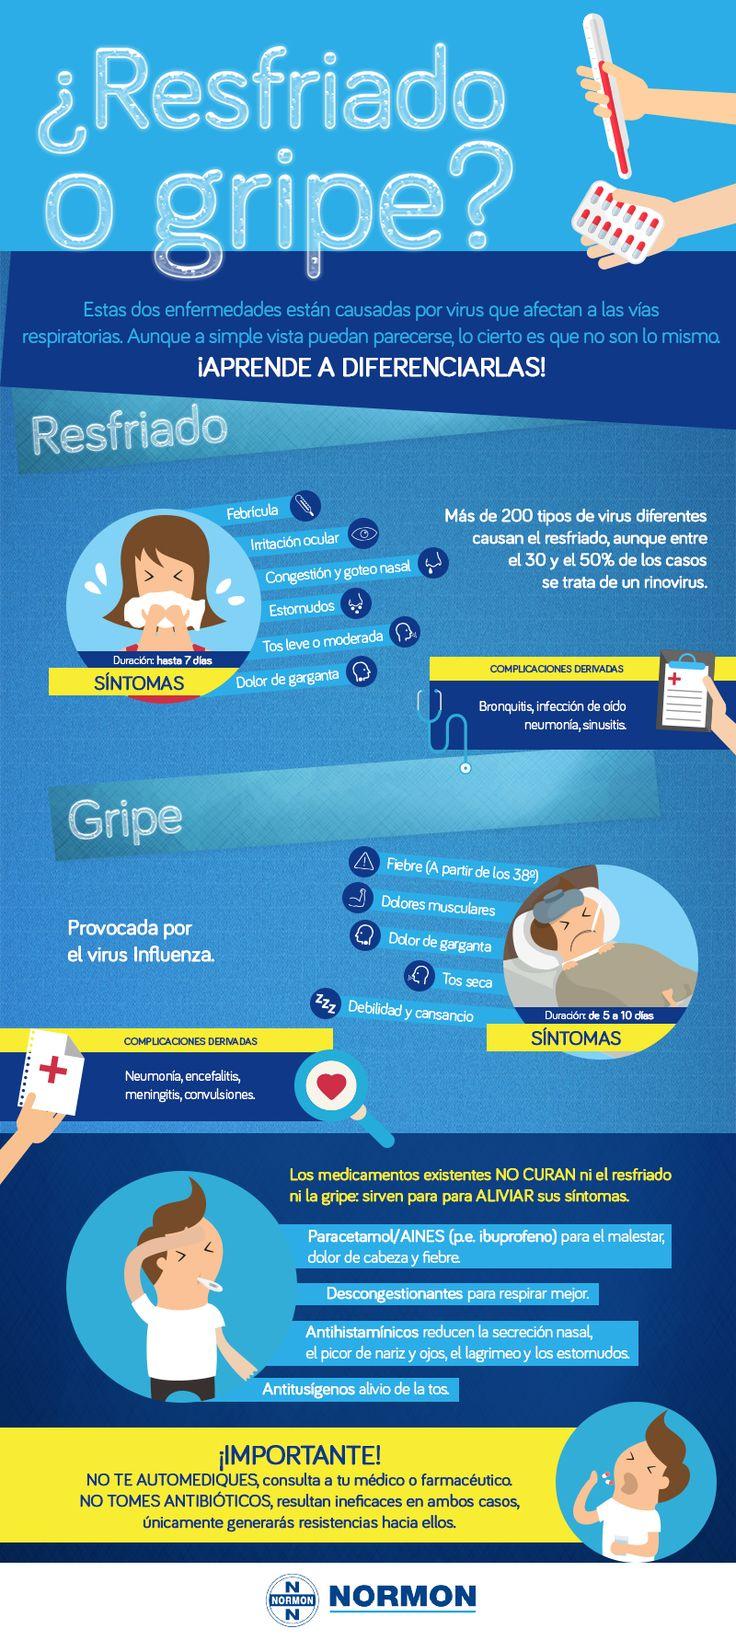 Diferenciar Gripe y Resfriado es importante, como también lo es saber que los ANTIBIOTICOS no curan ninguna de las dos patologías. GRIPHEEL, INVERGRIPHY, OSCILLOCCINUM son alternativas naturales para acortar la duración del proceso.PREGUNTANOS